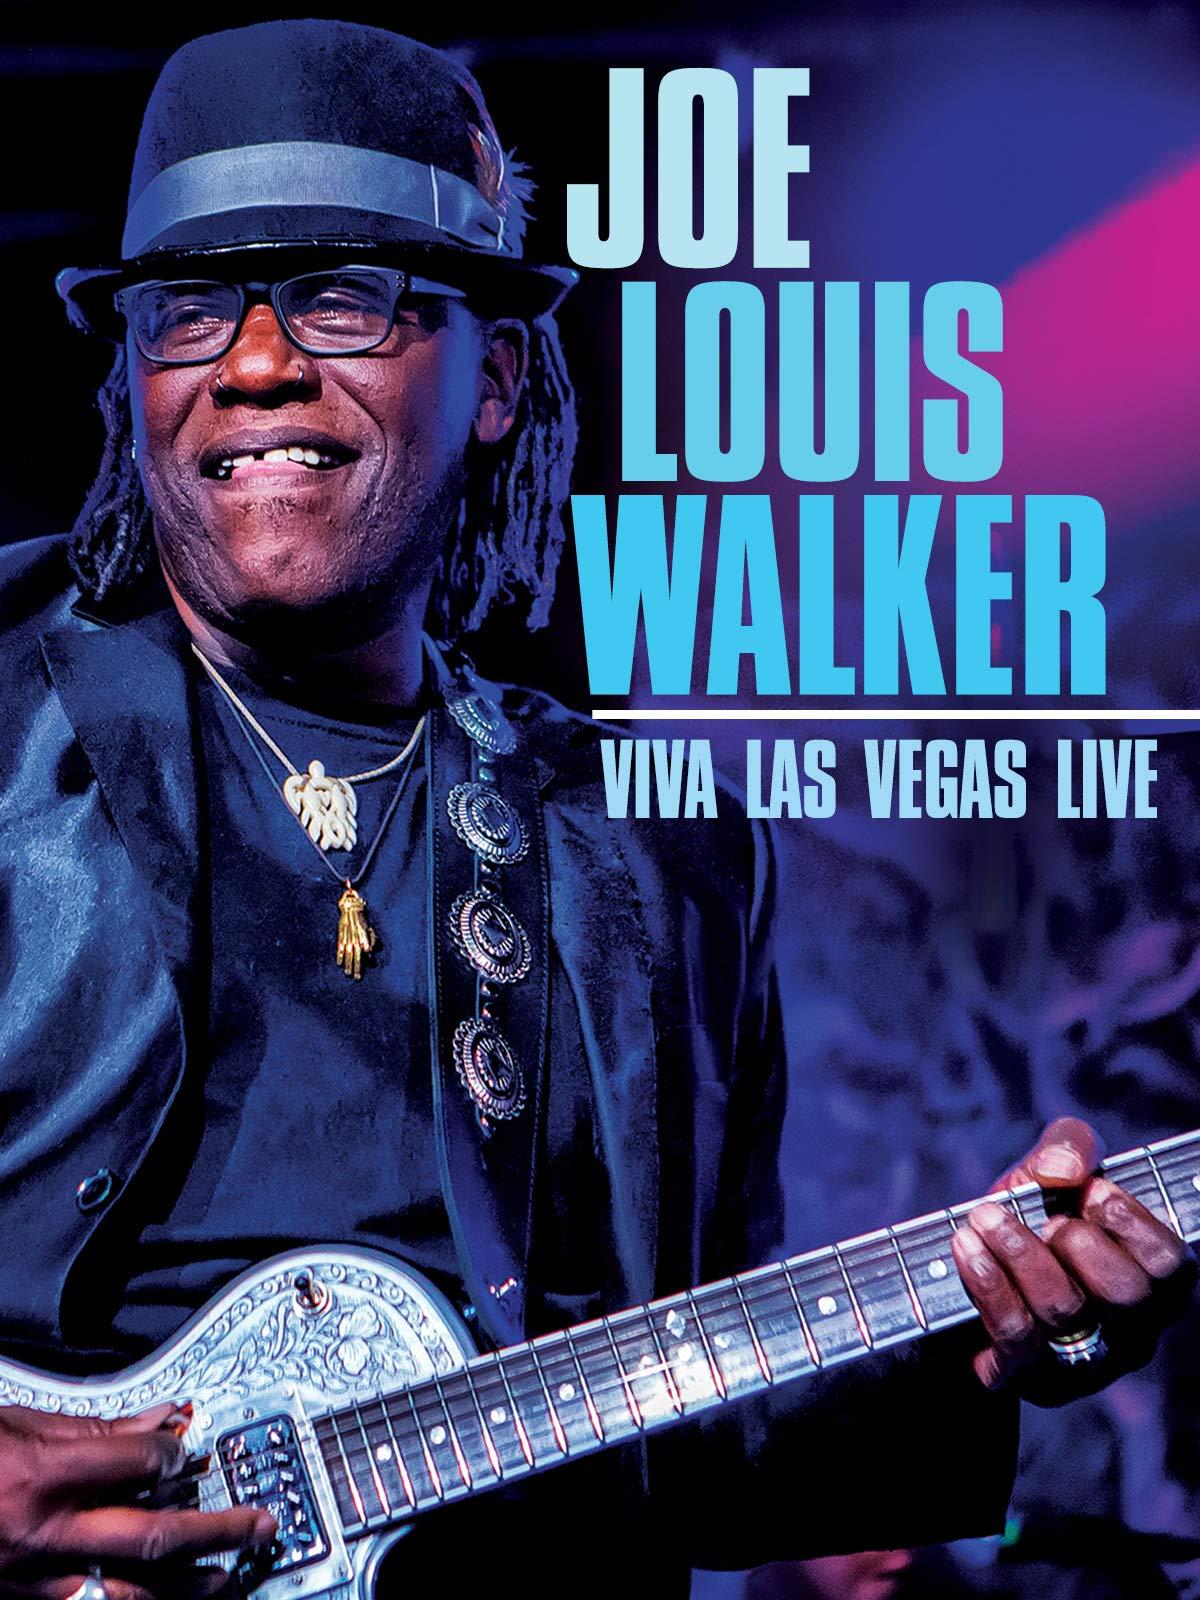 Joe Louis Walker - Viva Las Vegas Live